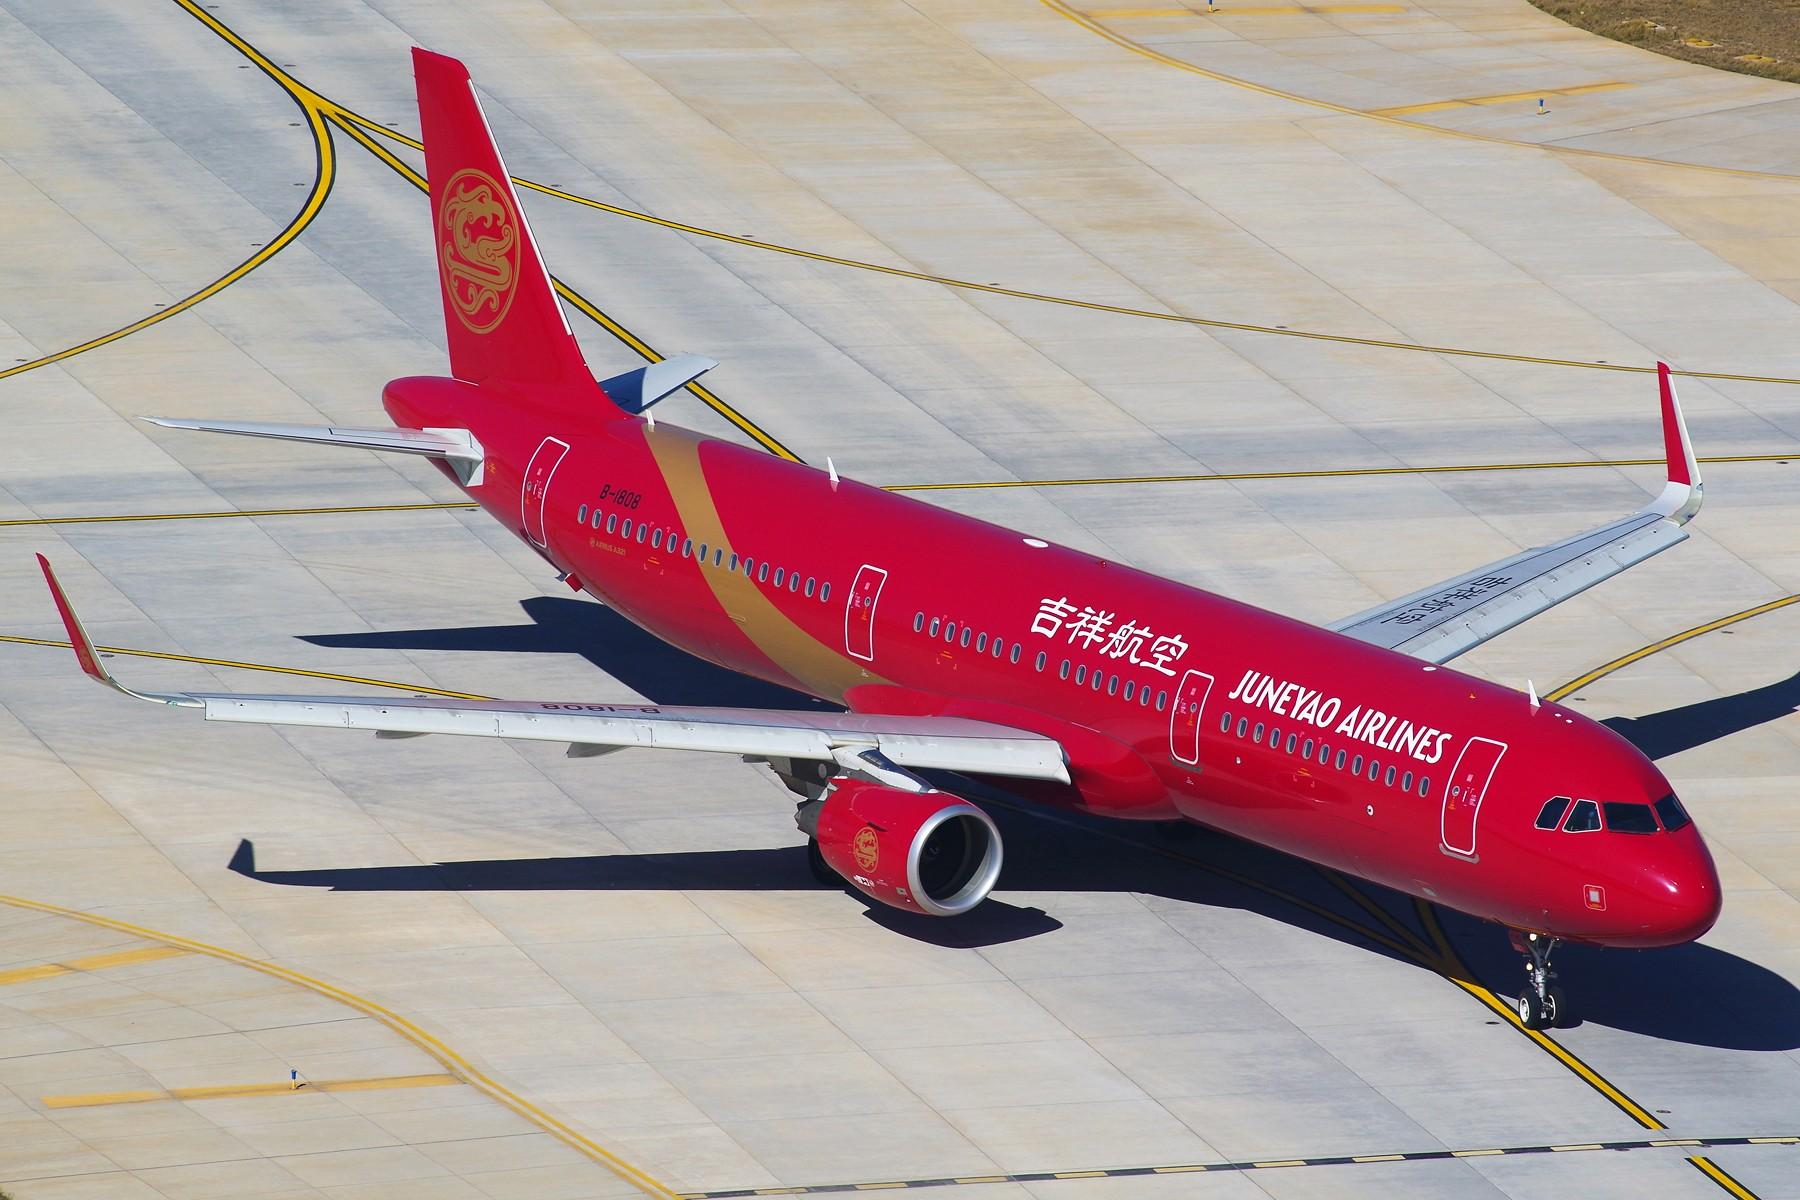 [原创][吉祥航空年度摄影大赛] 吉祥航空------高原上的飒爽英姿 AIRBUS A321-200 B-1808 中国昆明长水国际机场